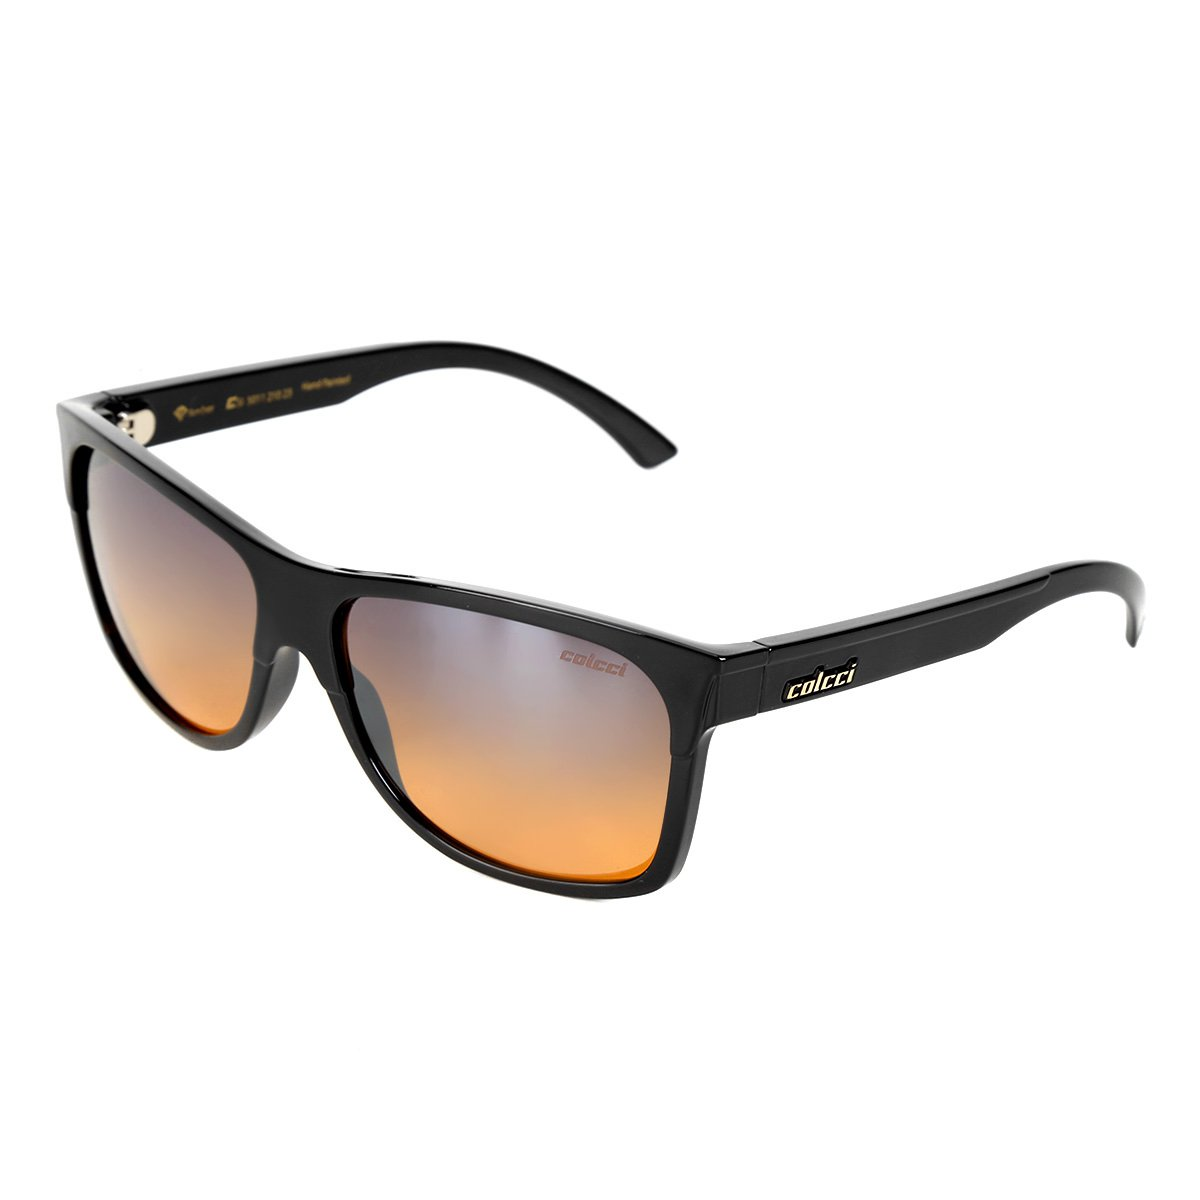 6588f86a28adc Óculos de Sol Colcci Amber Masculino - Compre Agora